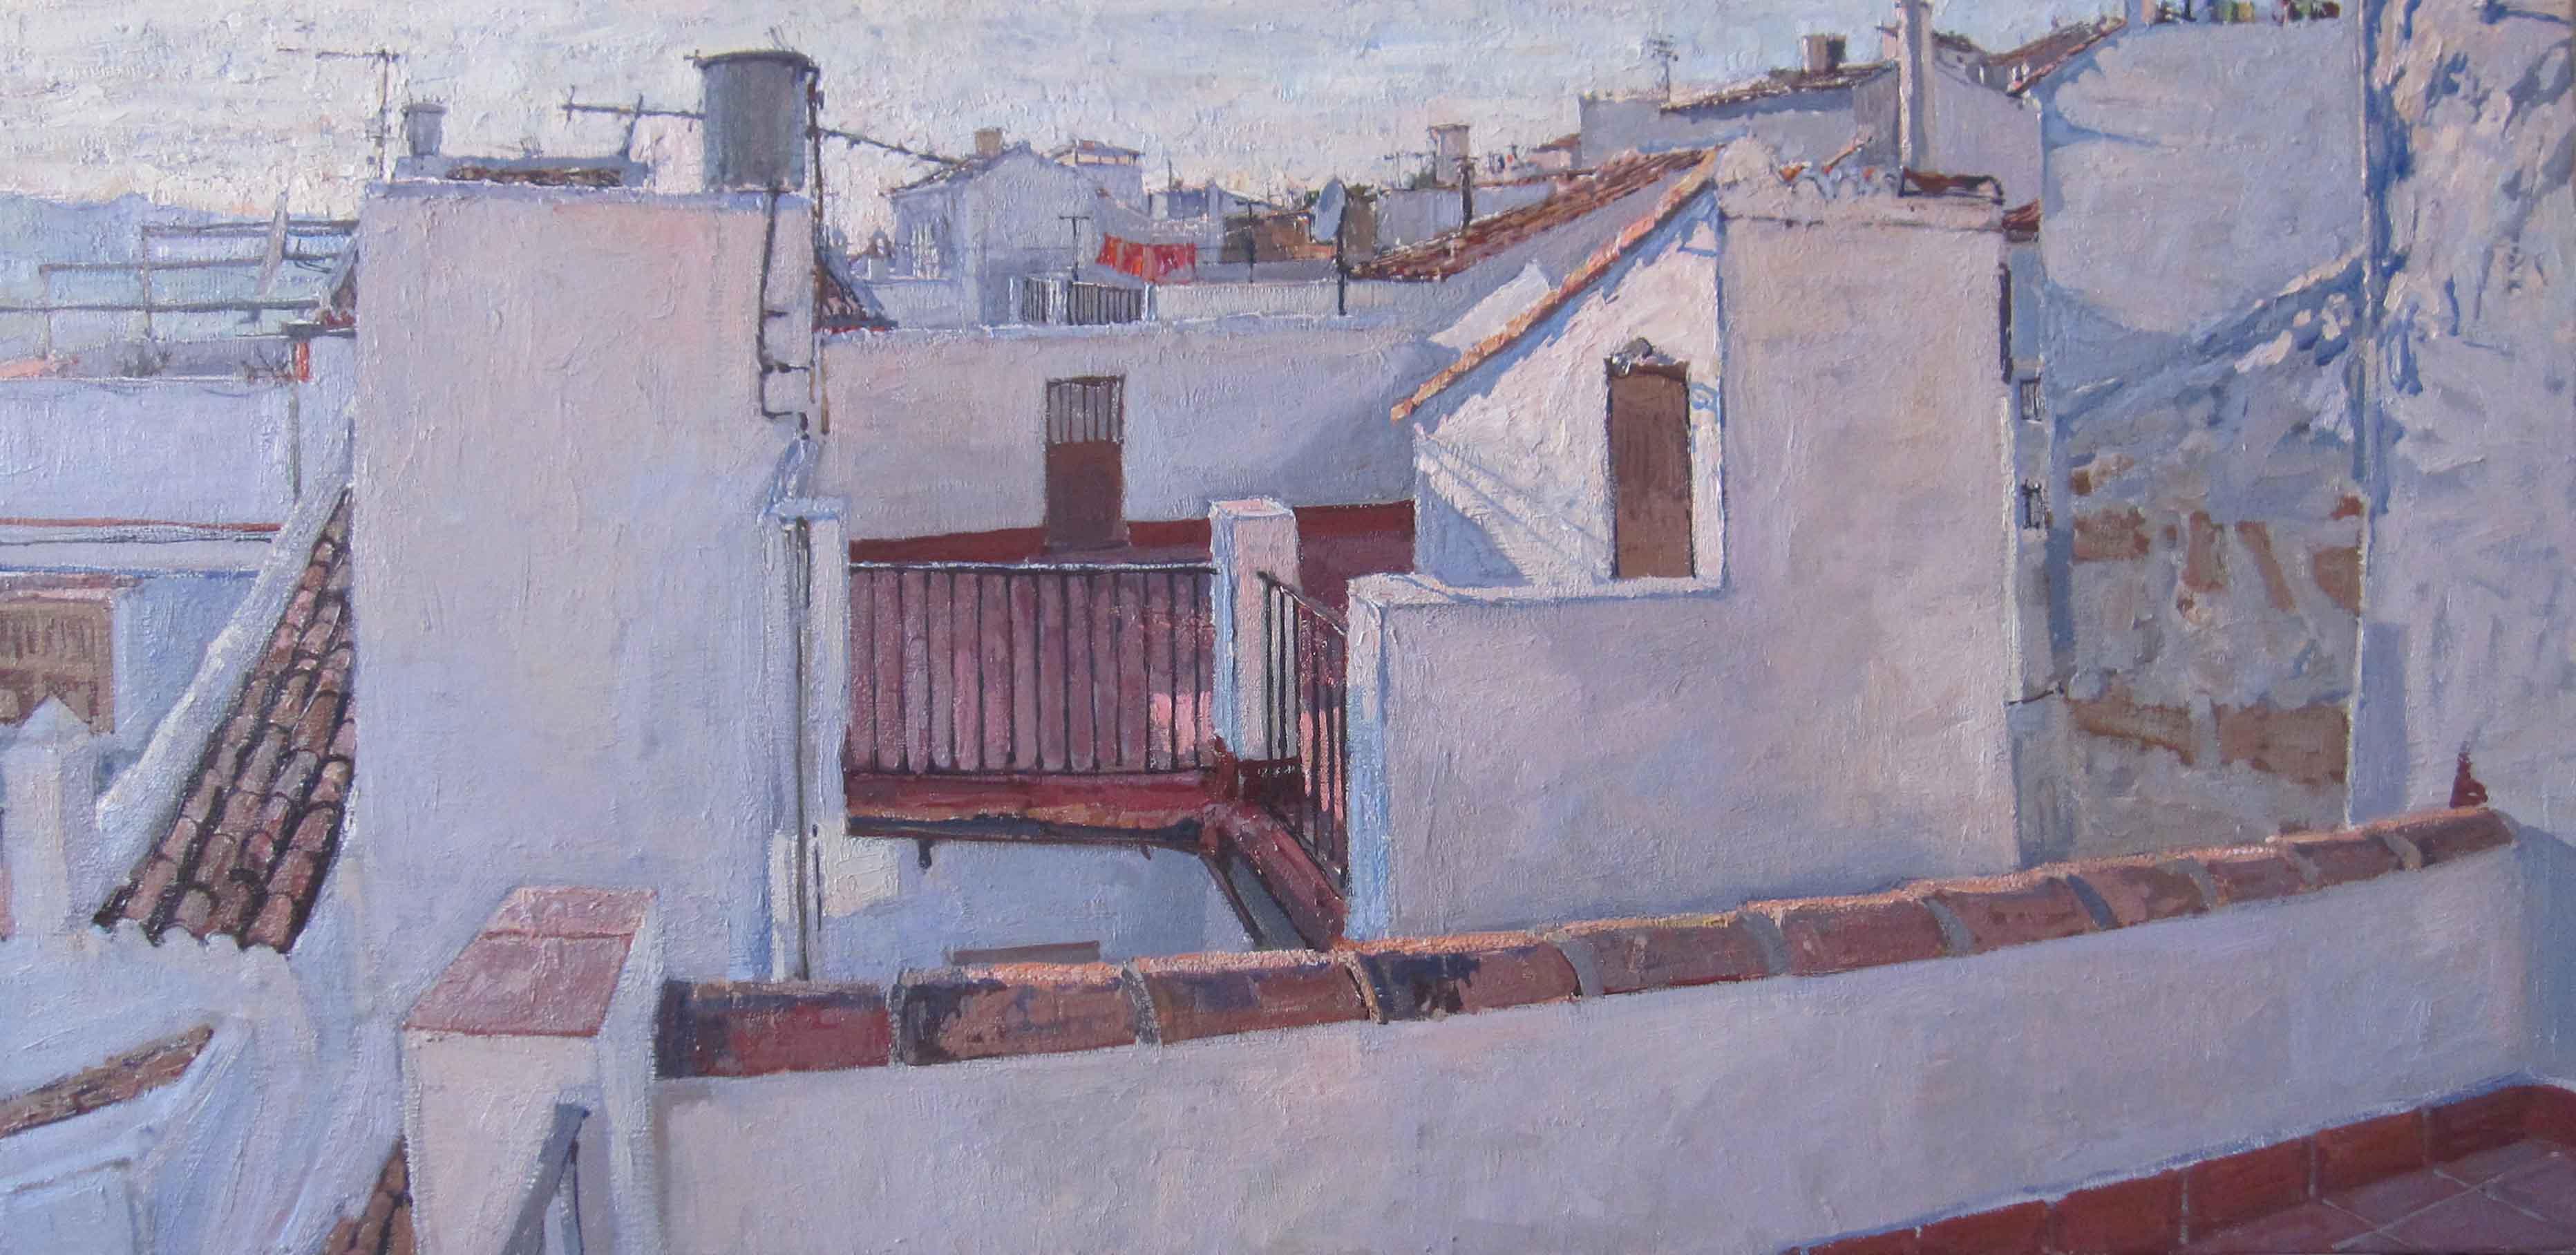 Pueblos Blancos V by  Daud Akhriev - Masterpiece Online